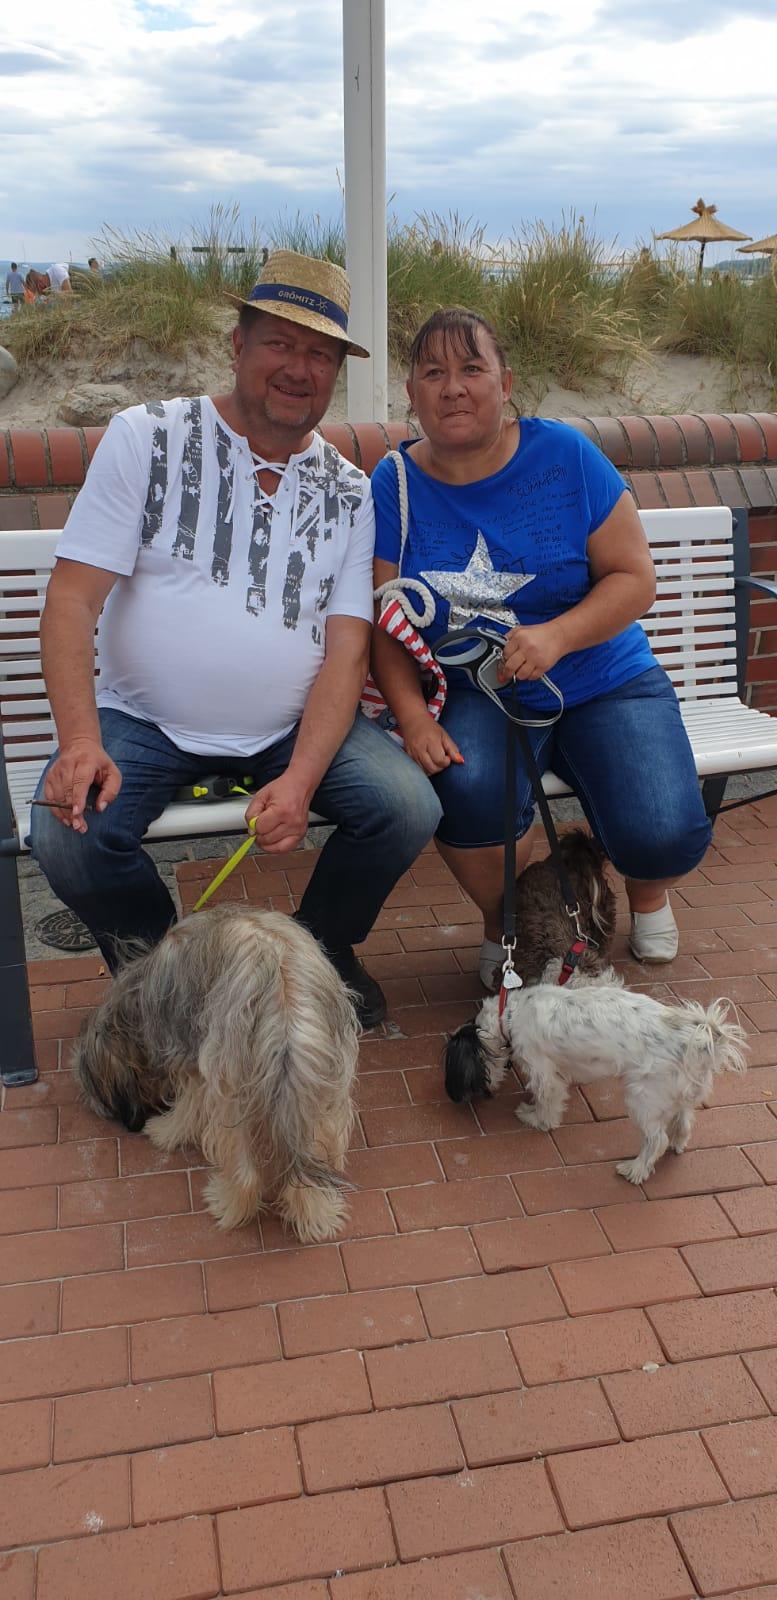 Das sind wir mit unserem Hunden im Urlaub!